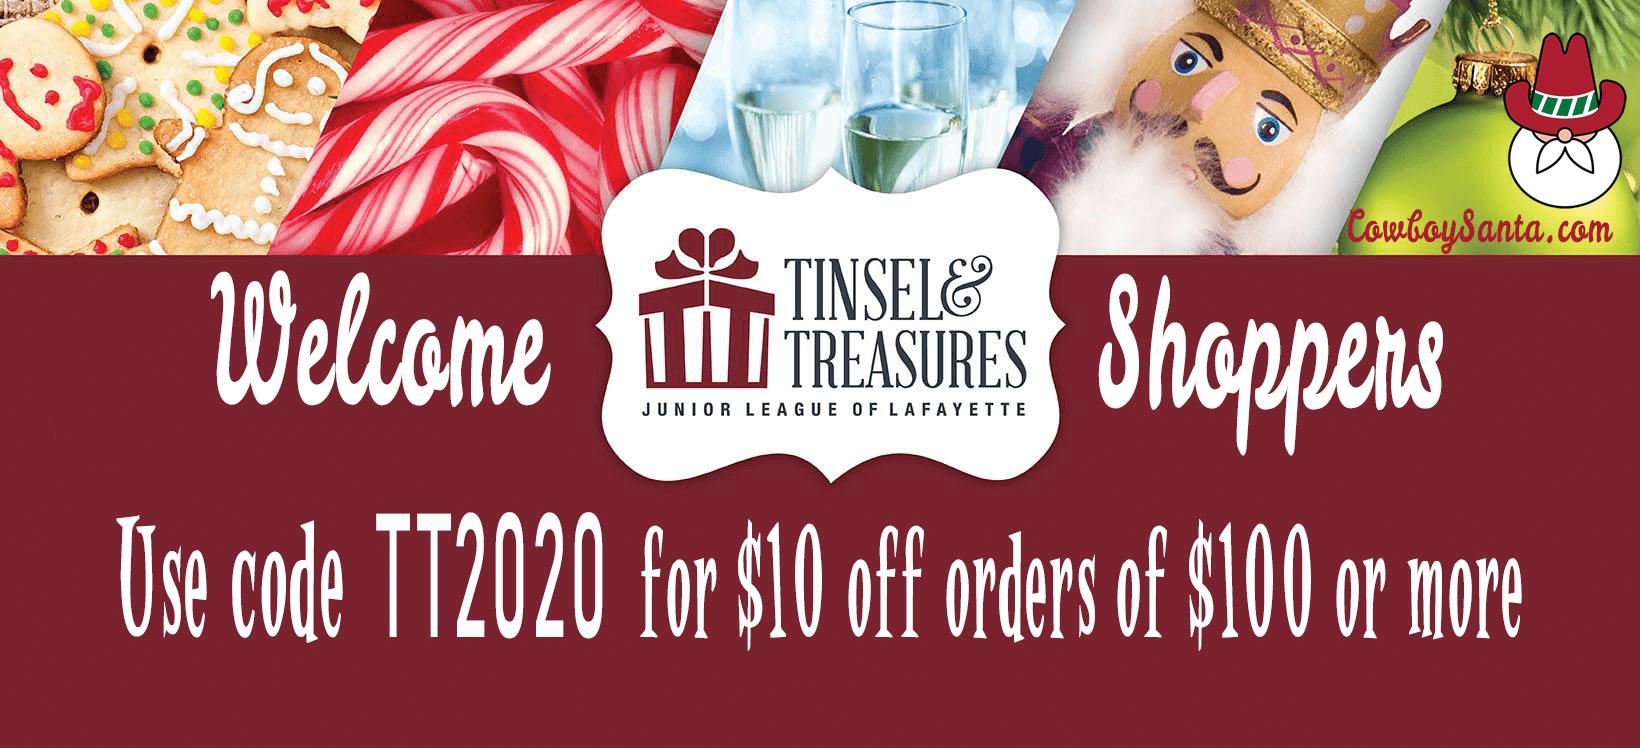 Tinsel & Treasures coupon code tt2020